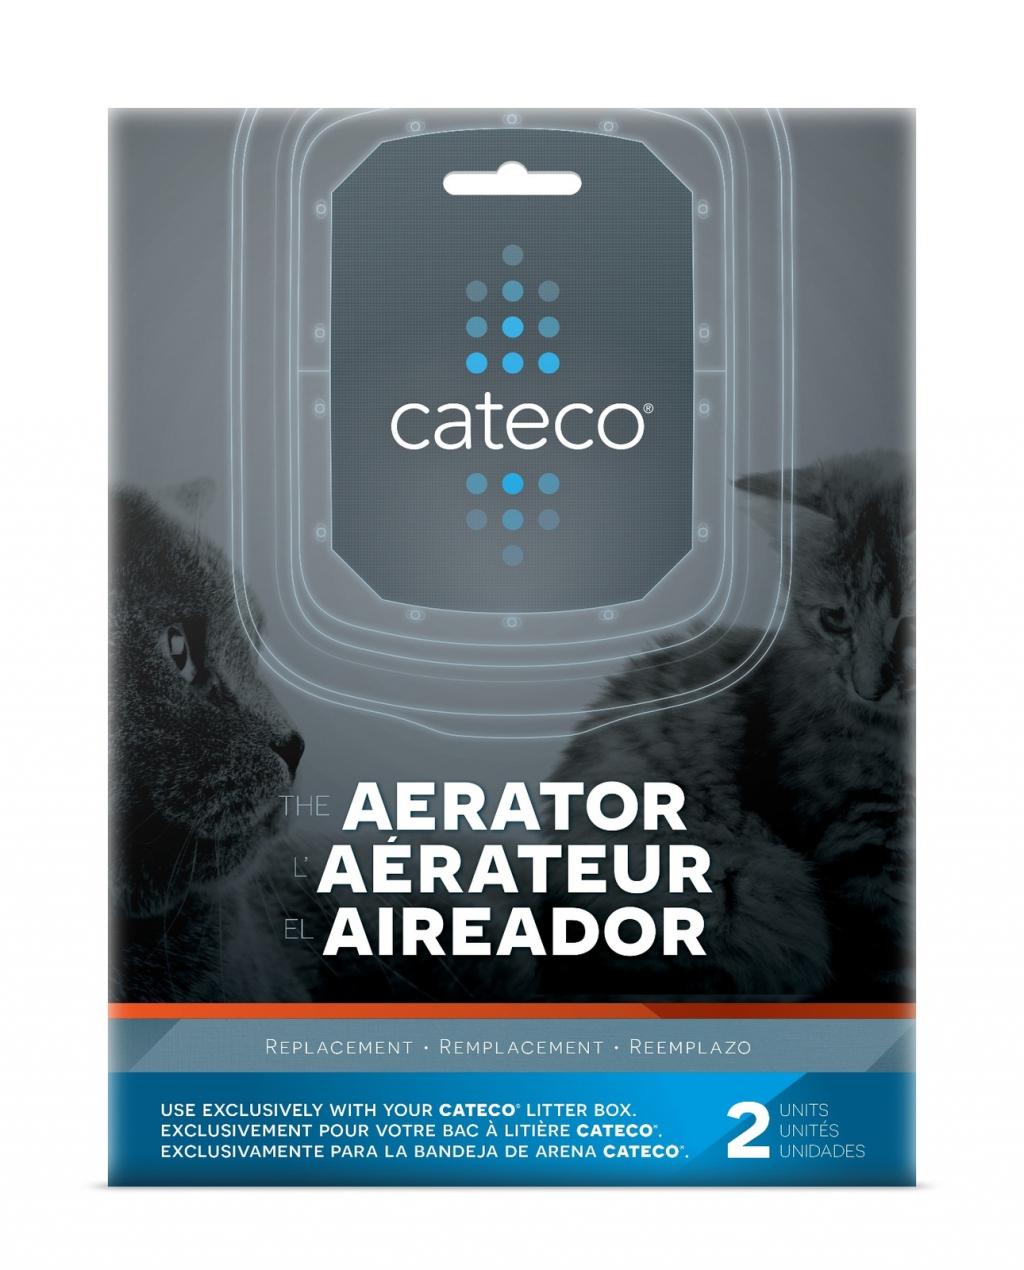 Канада Литтер Сетка-аэратор Cat Eco для кошачьих туалетов, в упаковке 2 штуки, Canada Litter